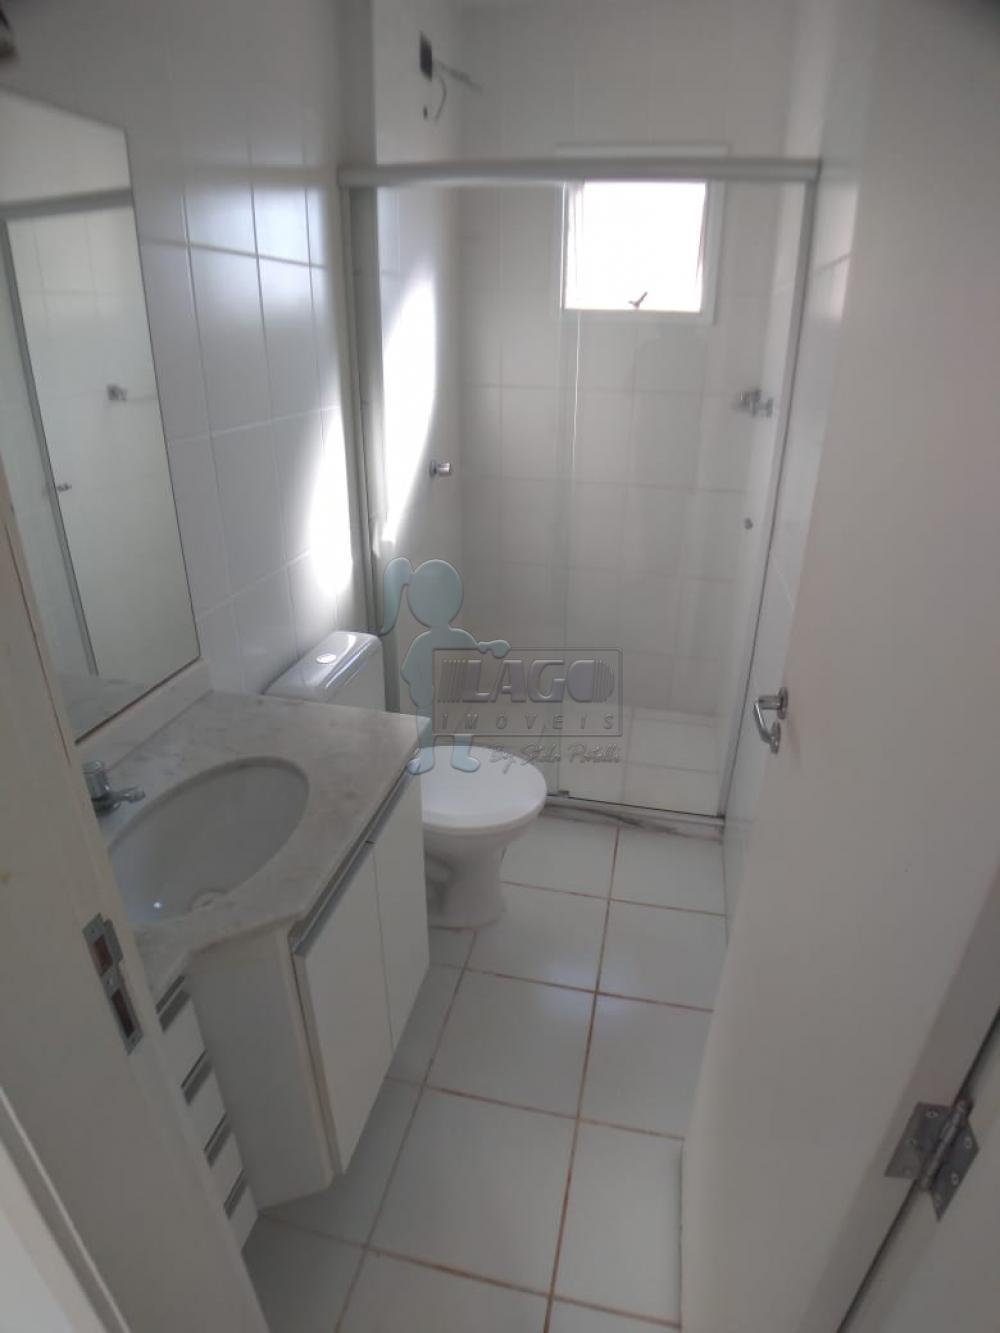 Alugar Casas / Condomínio em Ribeirão Preto apenas R$ 1.800,00 - Foto 11